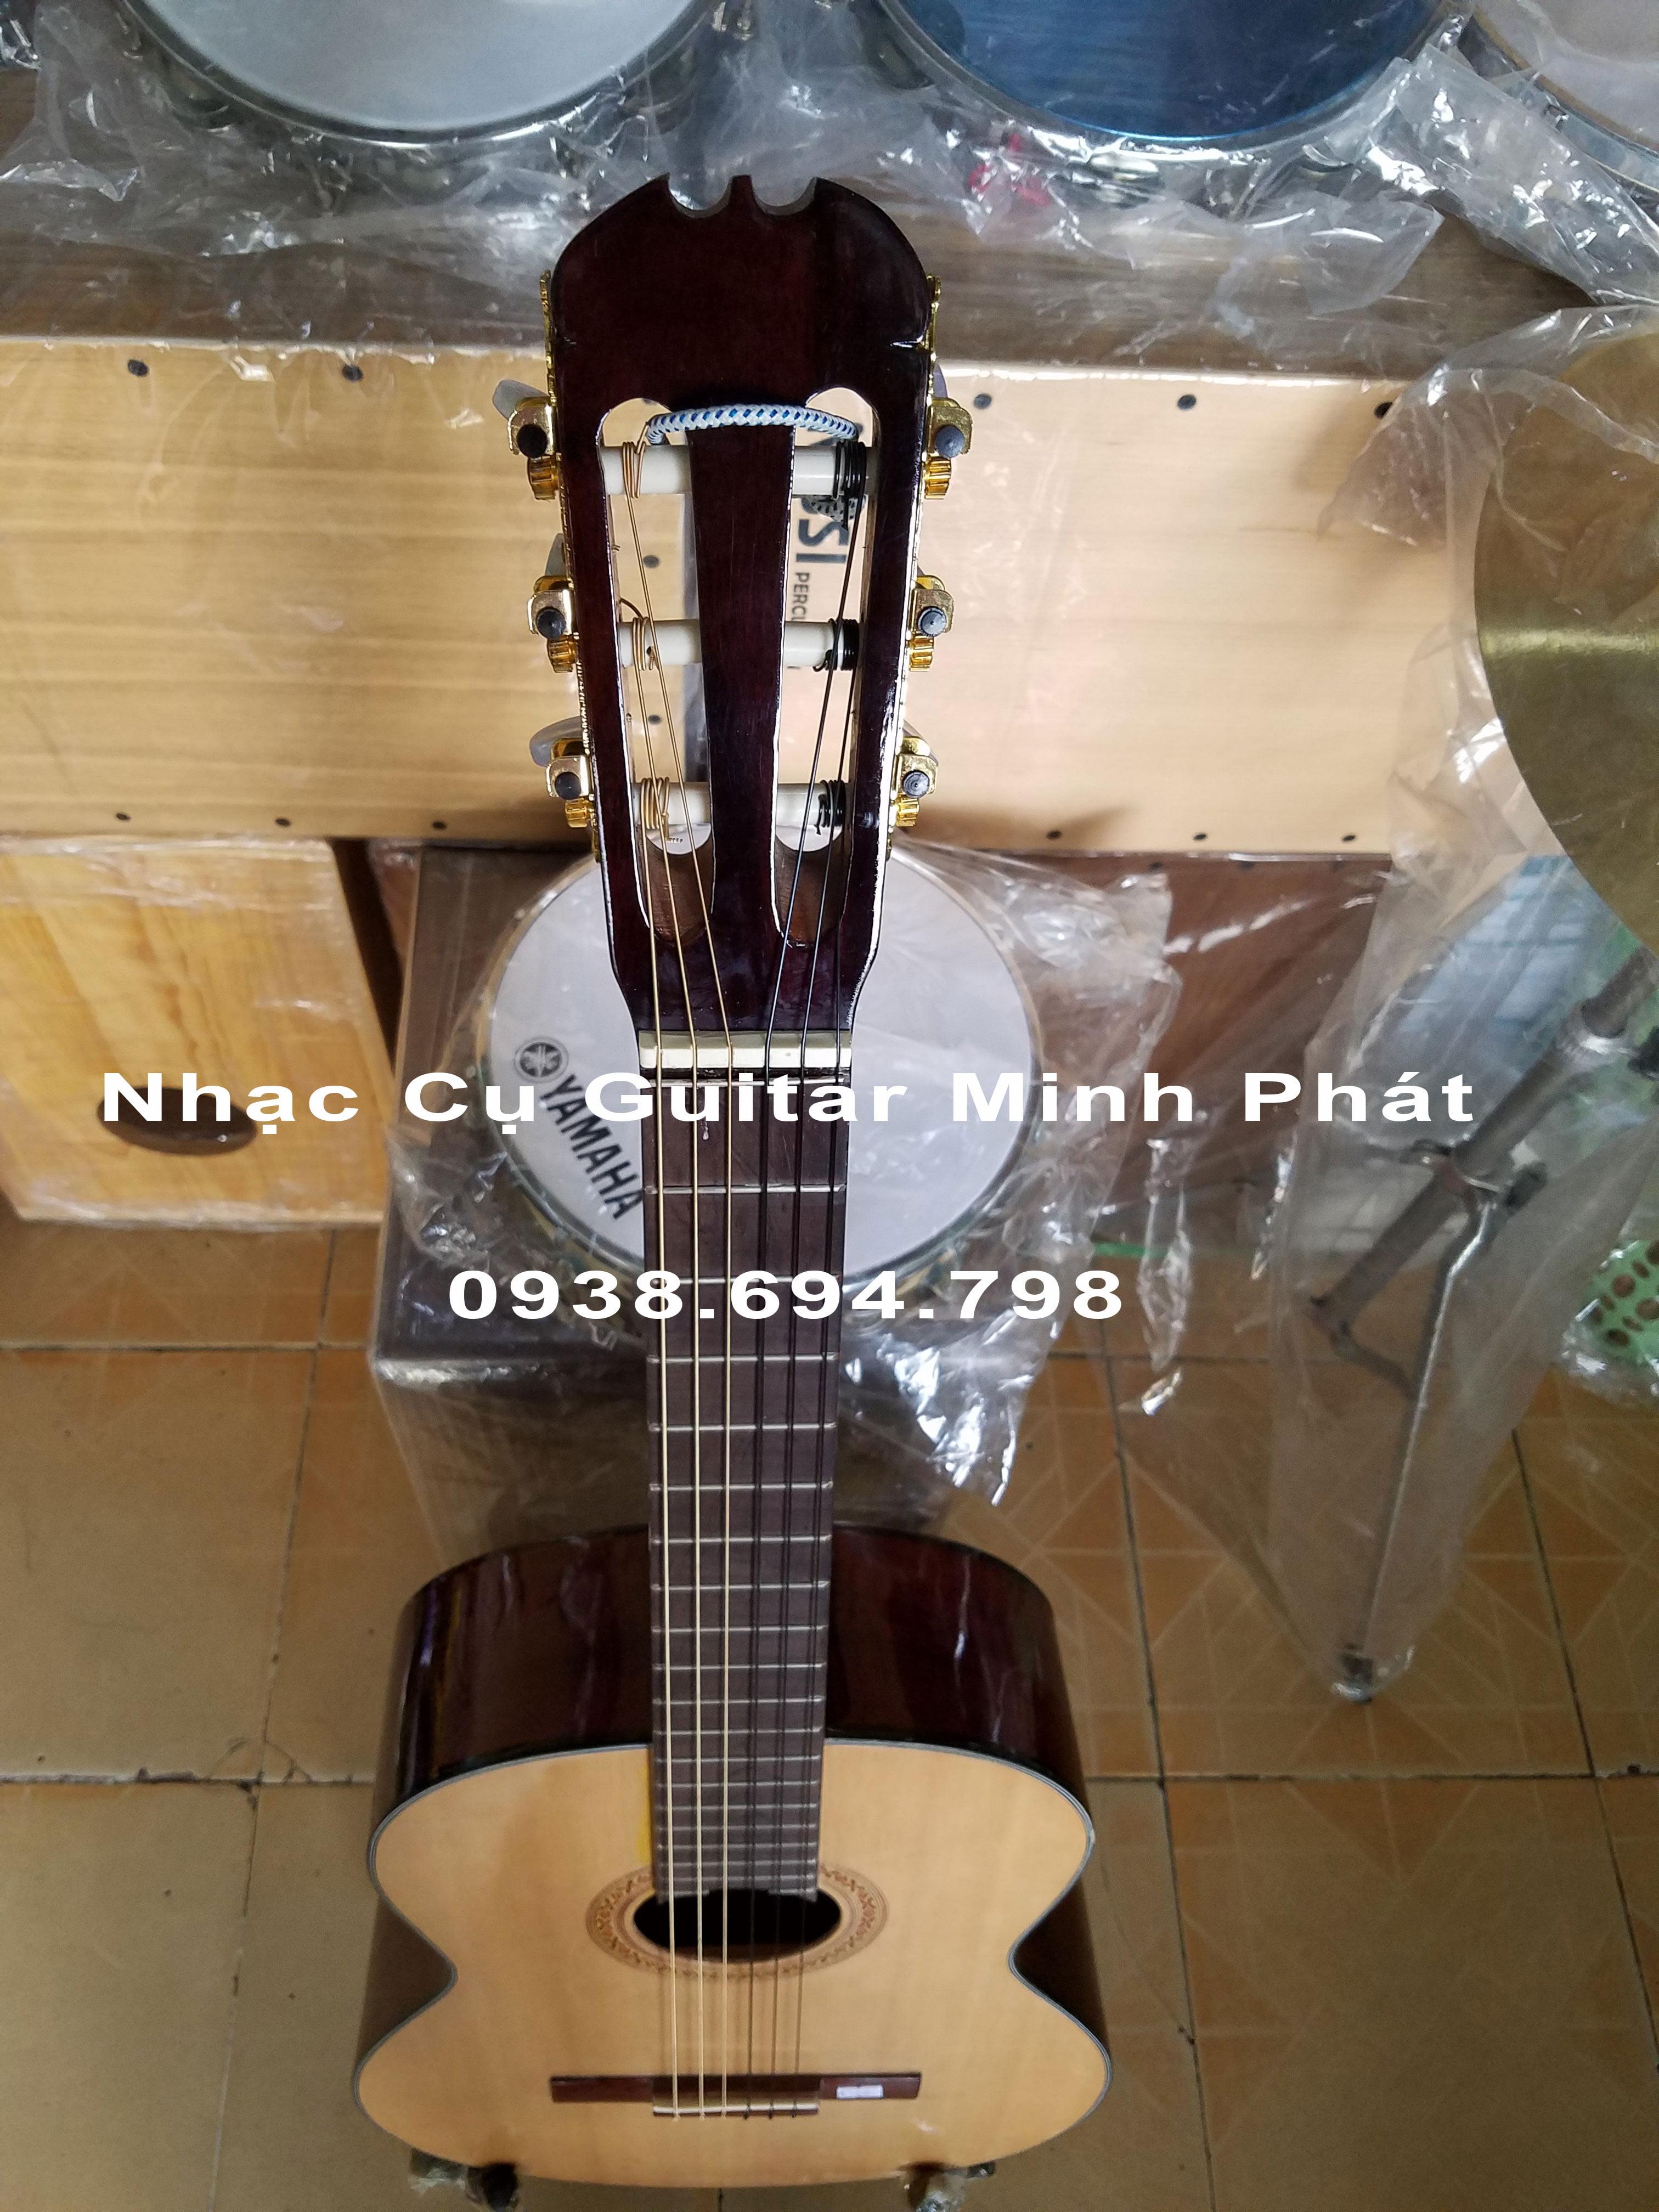 Bán đàn guitar giá rẻ quận bình tân bình chánh tân phú quận 6 chỉ 390k- guitarbinhtan.com - 10